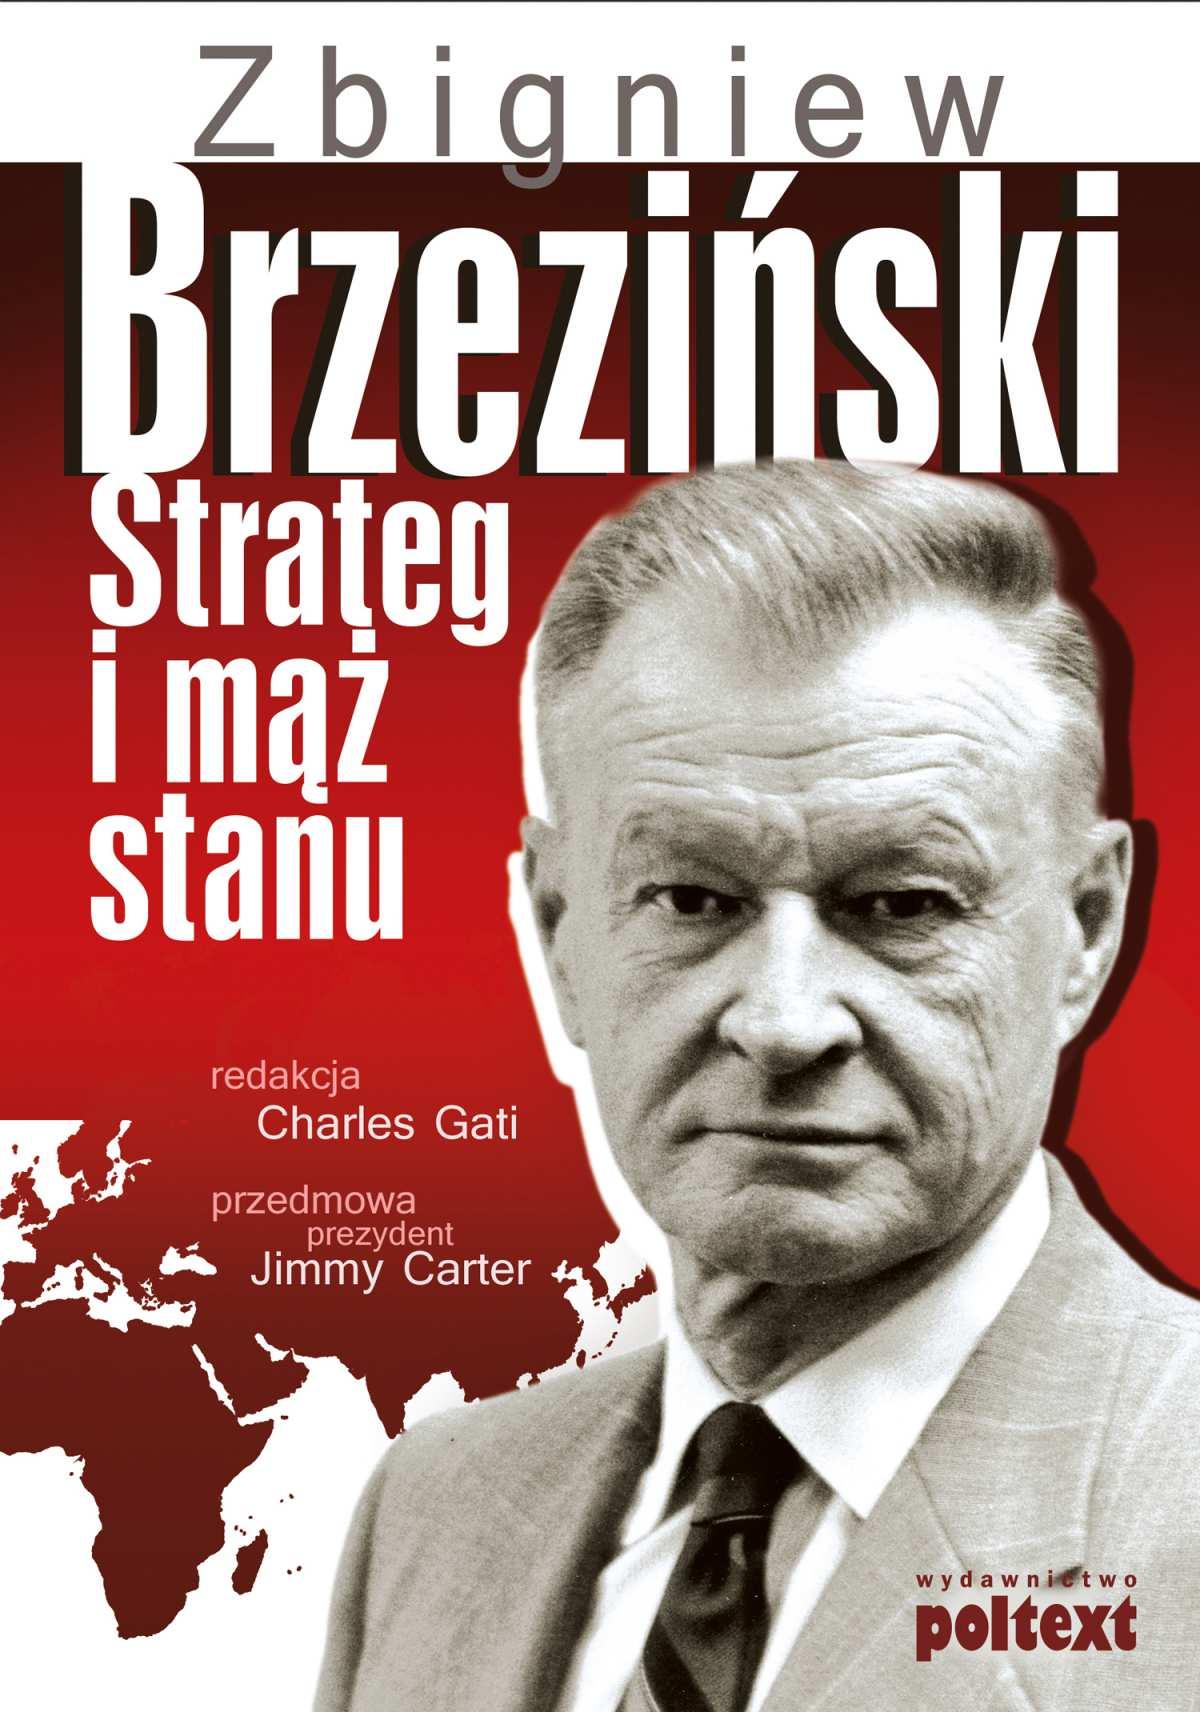 Zbigniew Brzeziński. Strateg i mąż stanu - Ebook (Książka EPUB) do pobrania w formacie EPUB